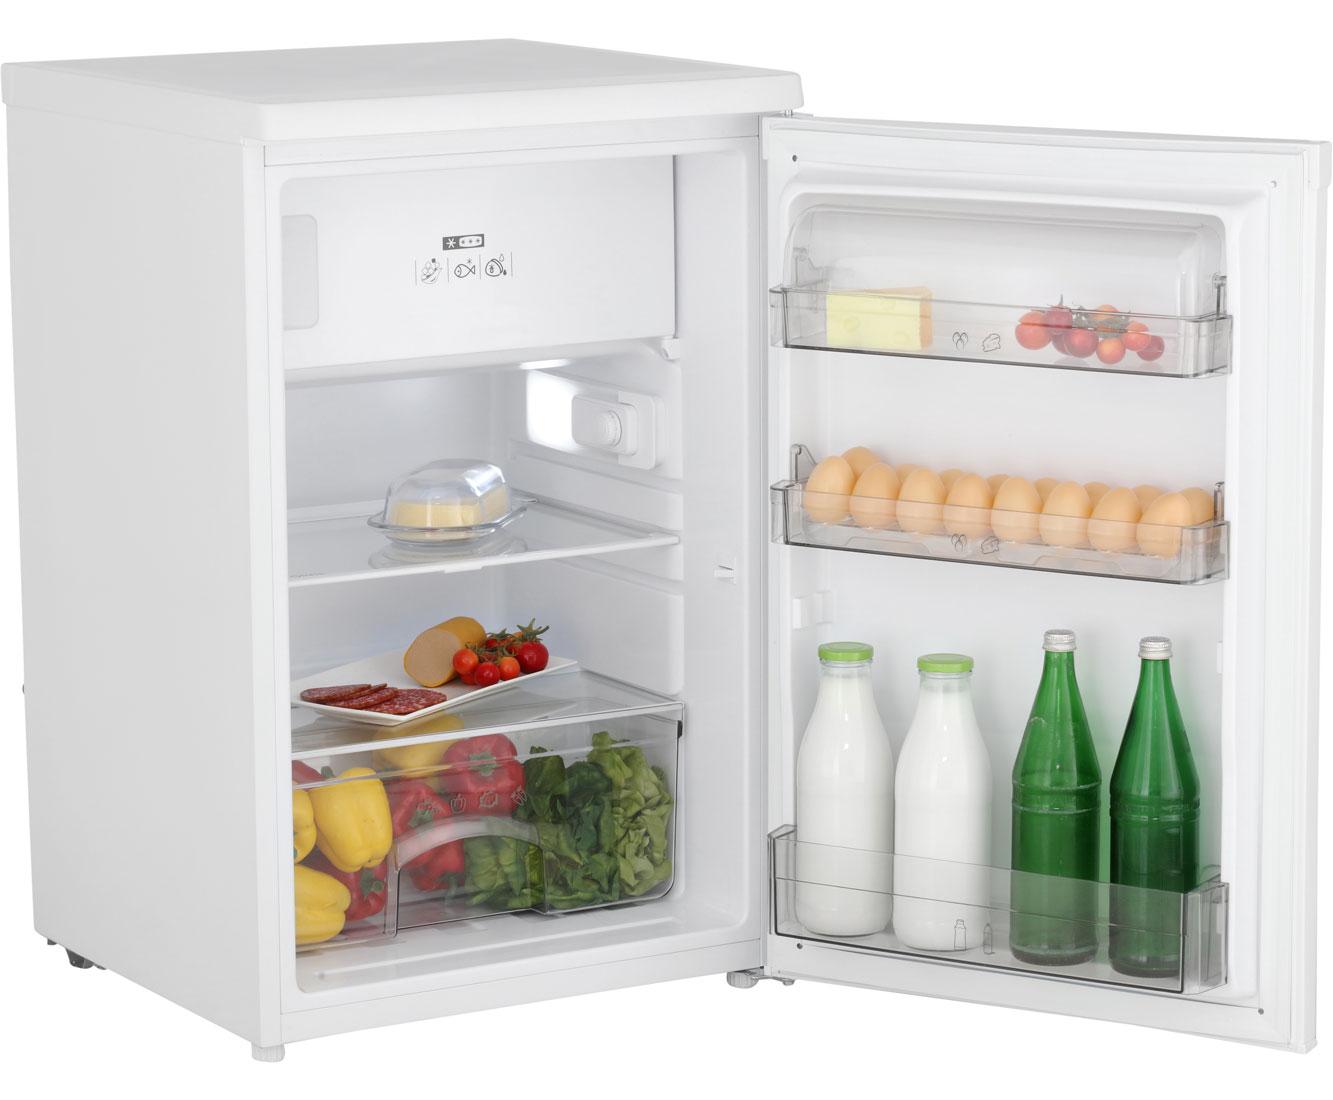 Kühlschrank Exquisit : Exquisit ks a kühlschrank freistehend cm weiss neu ebay